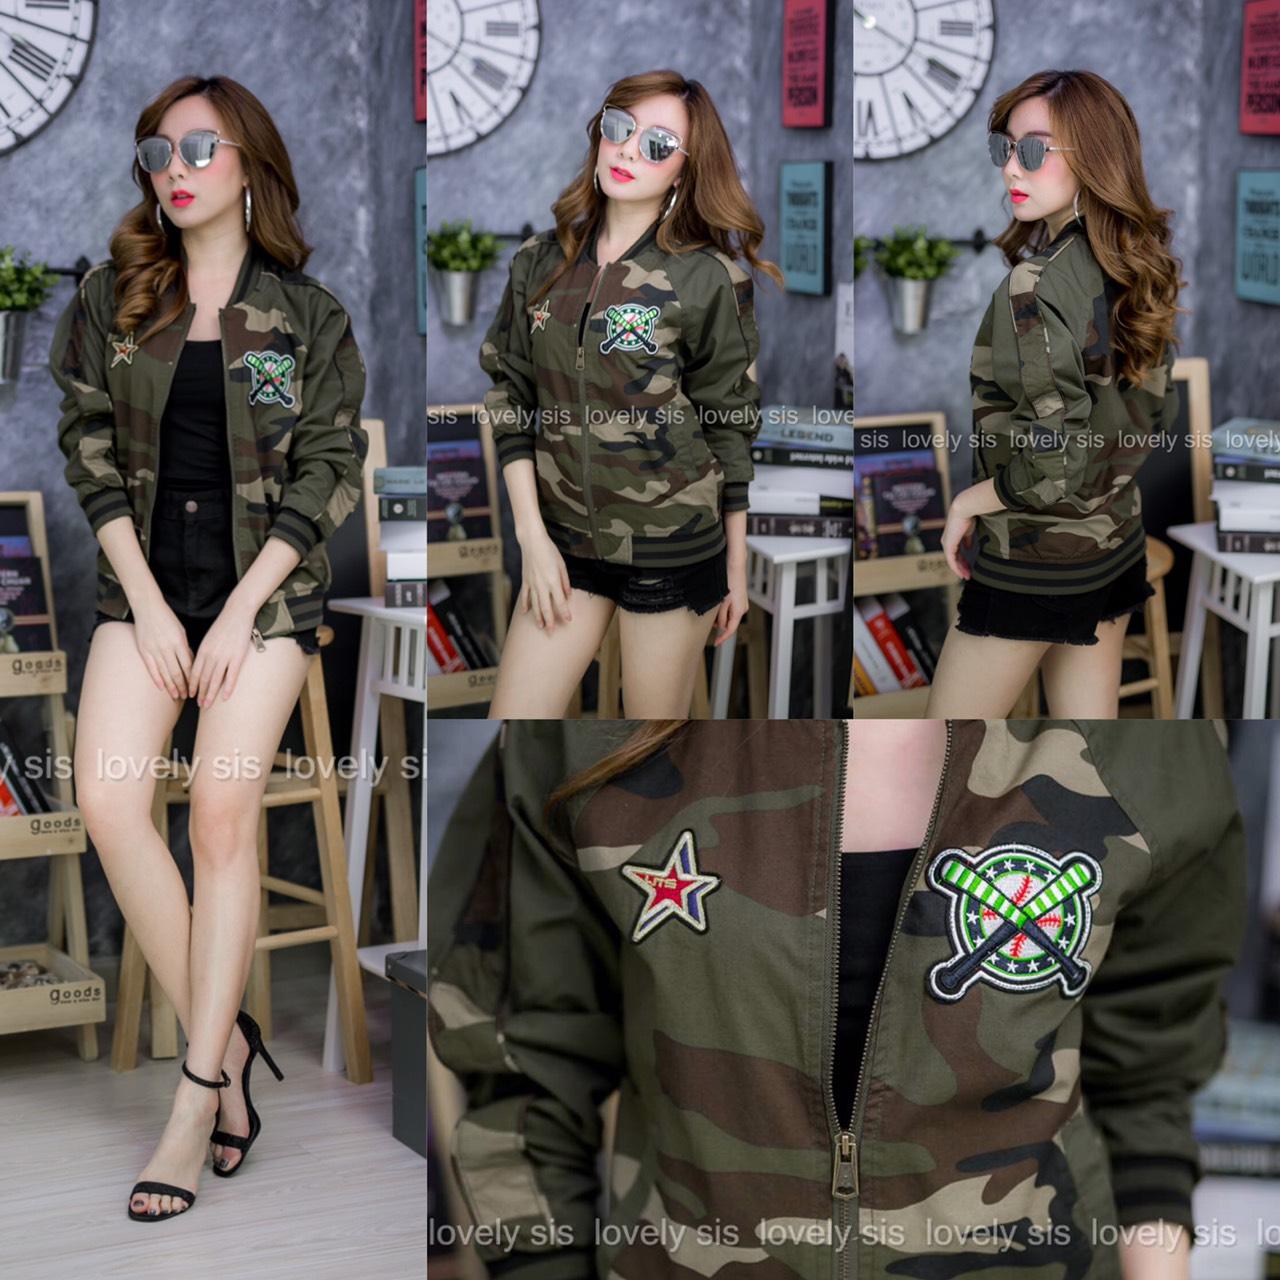 เสื้อผ้าเกาหลีพร้อมส่ง เสื้อคลุมตัวยาว แขนยาวทูโทนลายทหาร